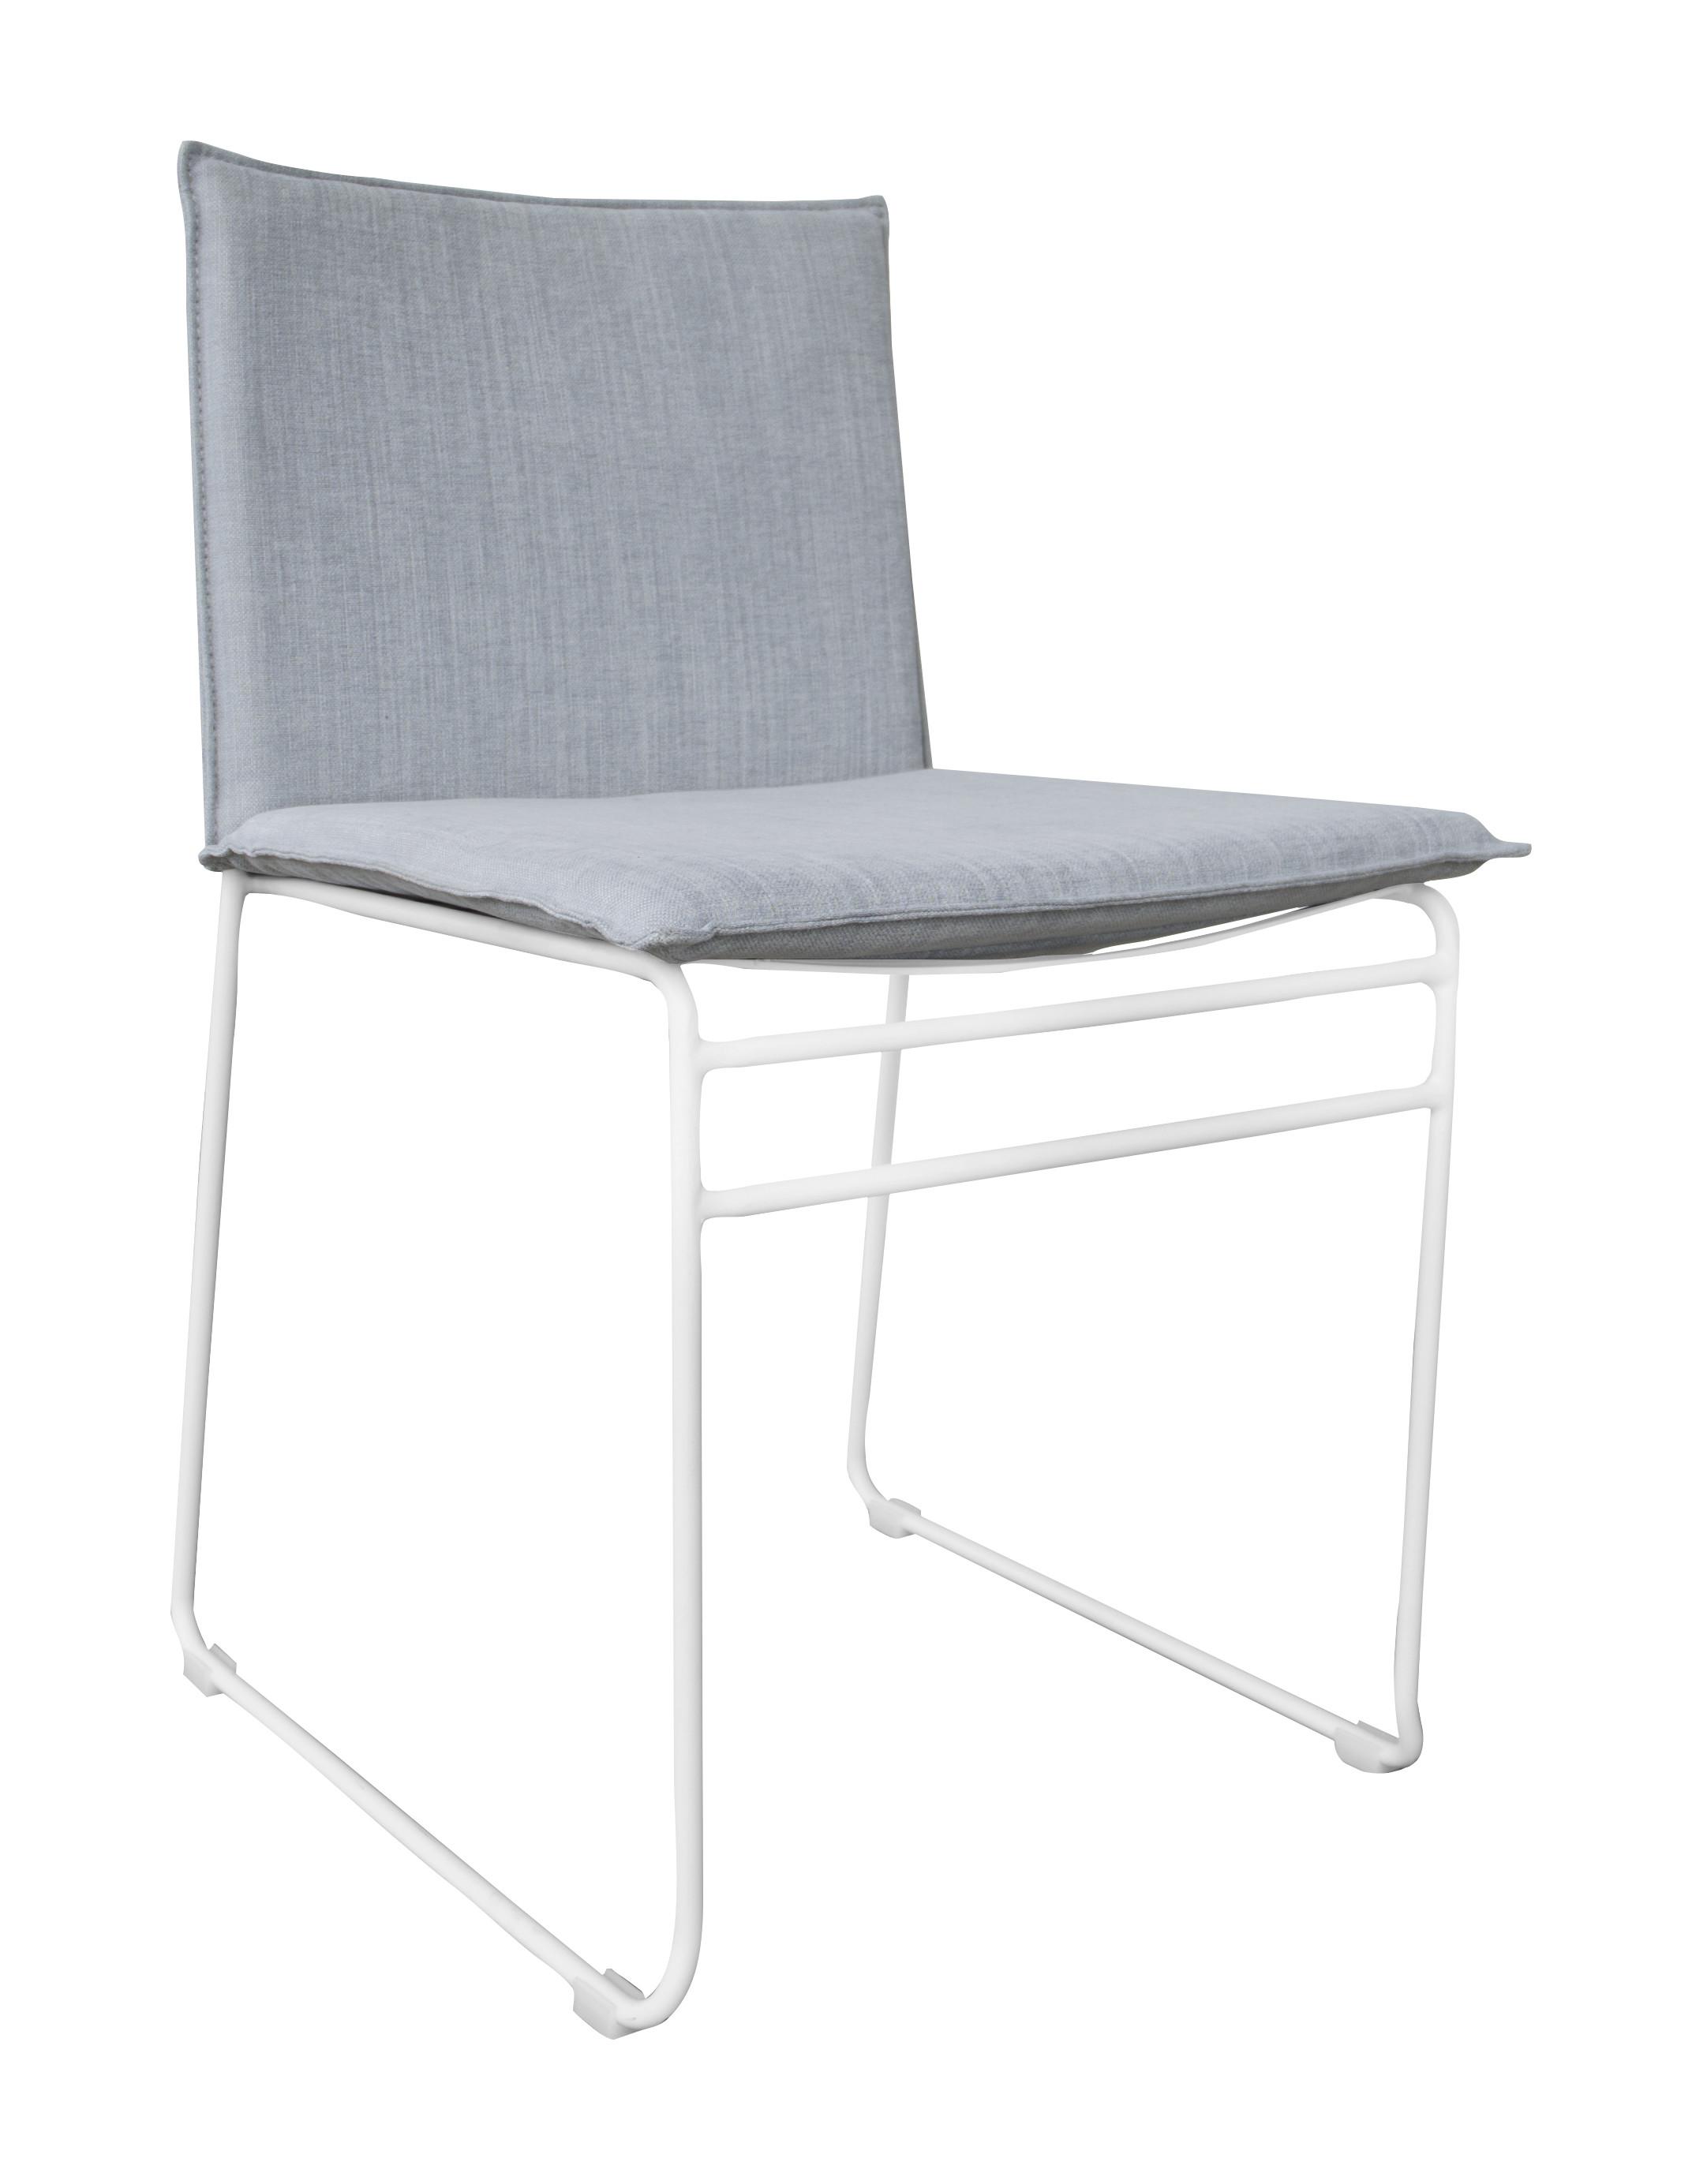 Kyst Dining Chair - Stuhl für Innen- und Aussenbereich 04